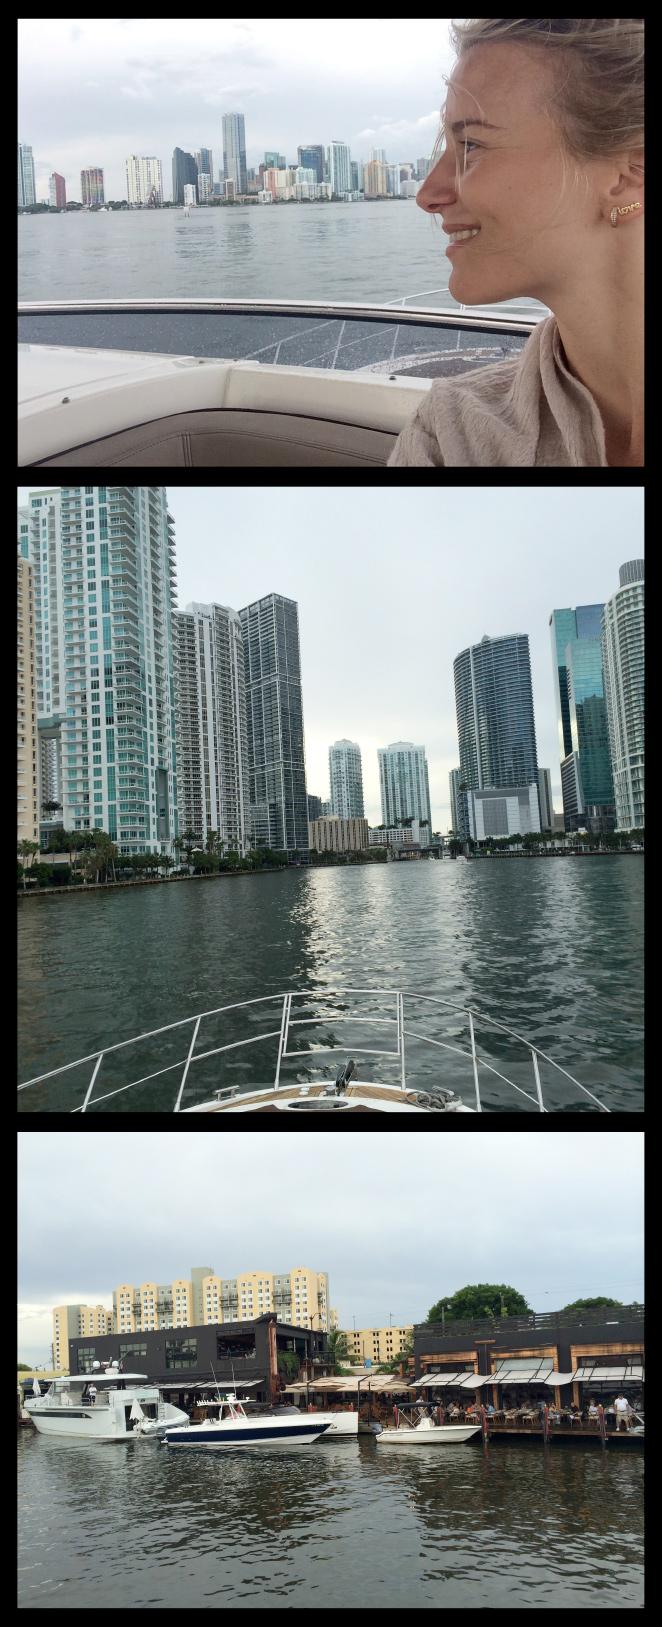 María León dando un paseo en barco por el corazón de Miami.